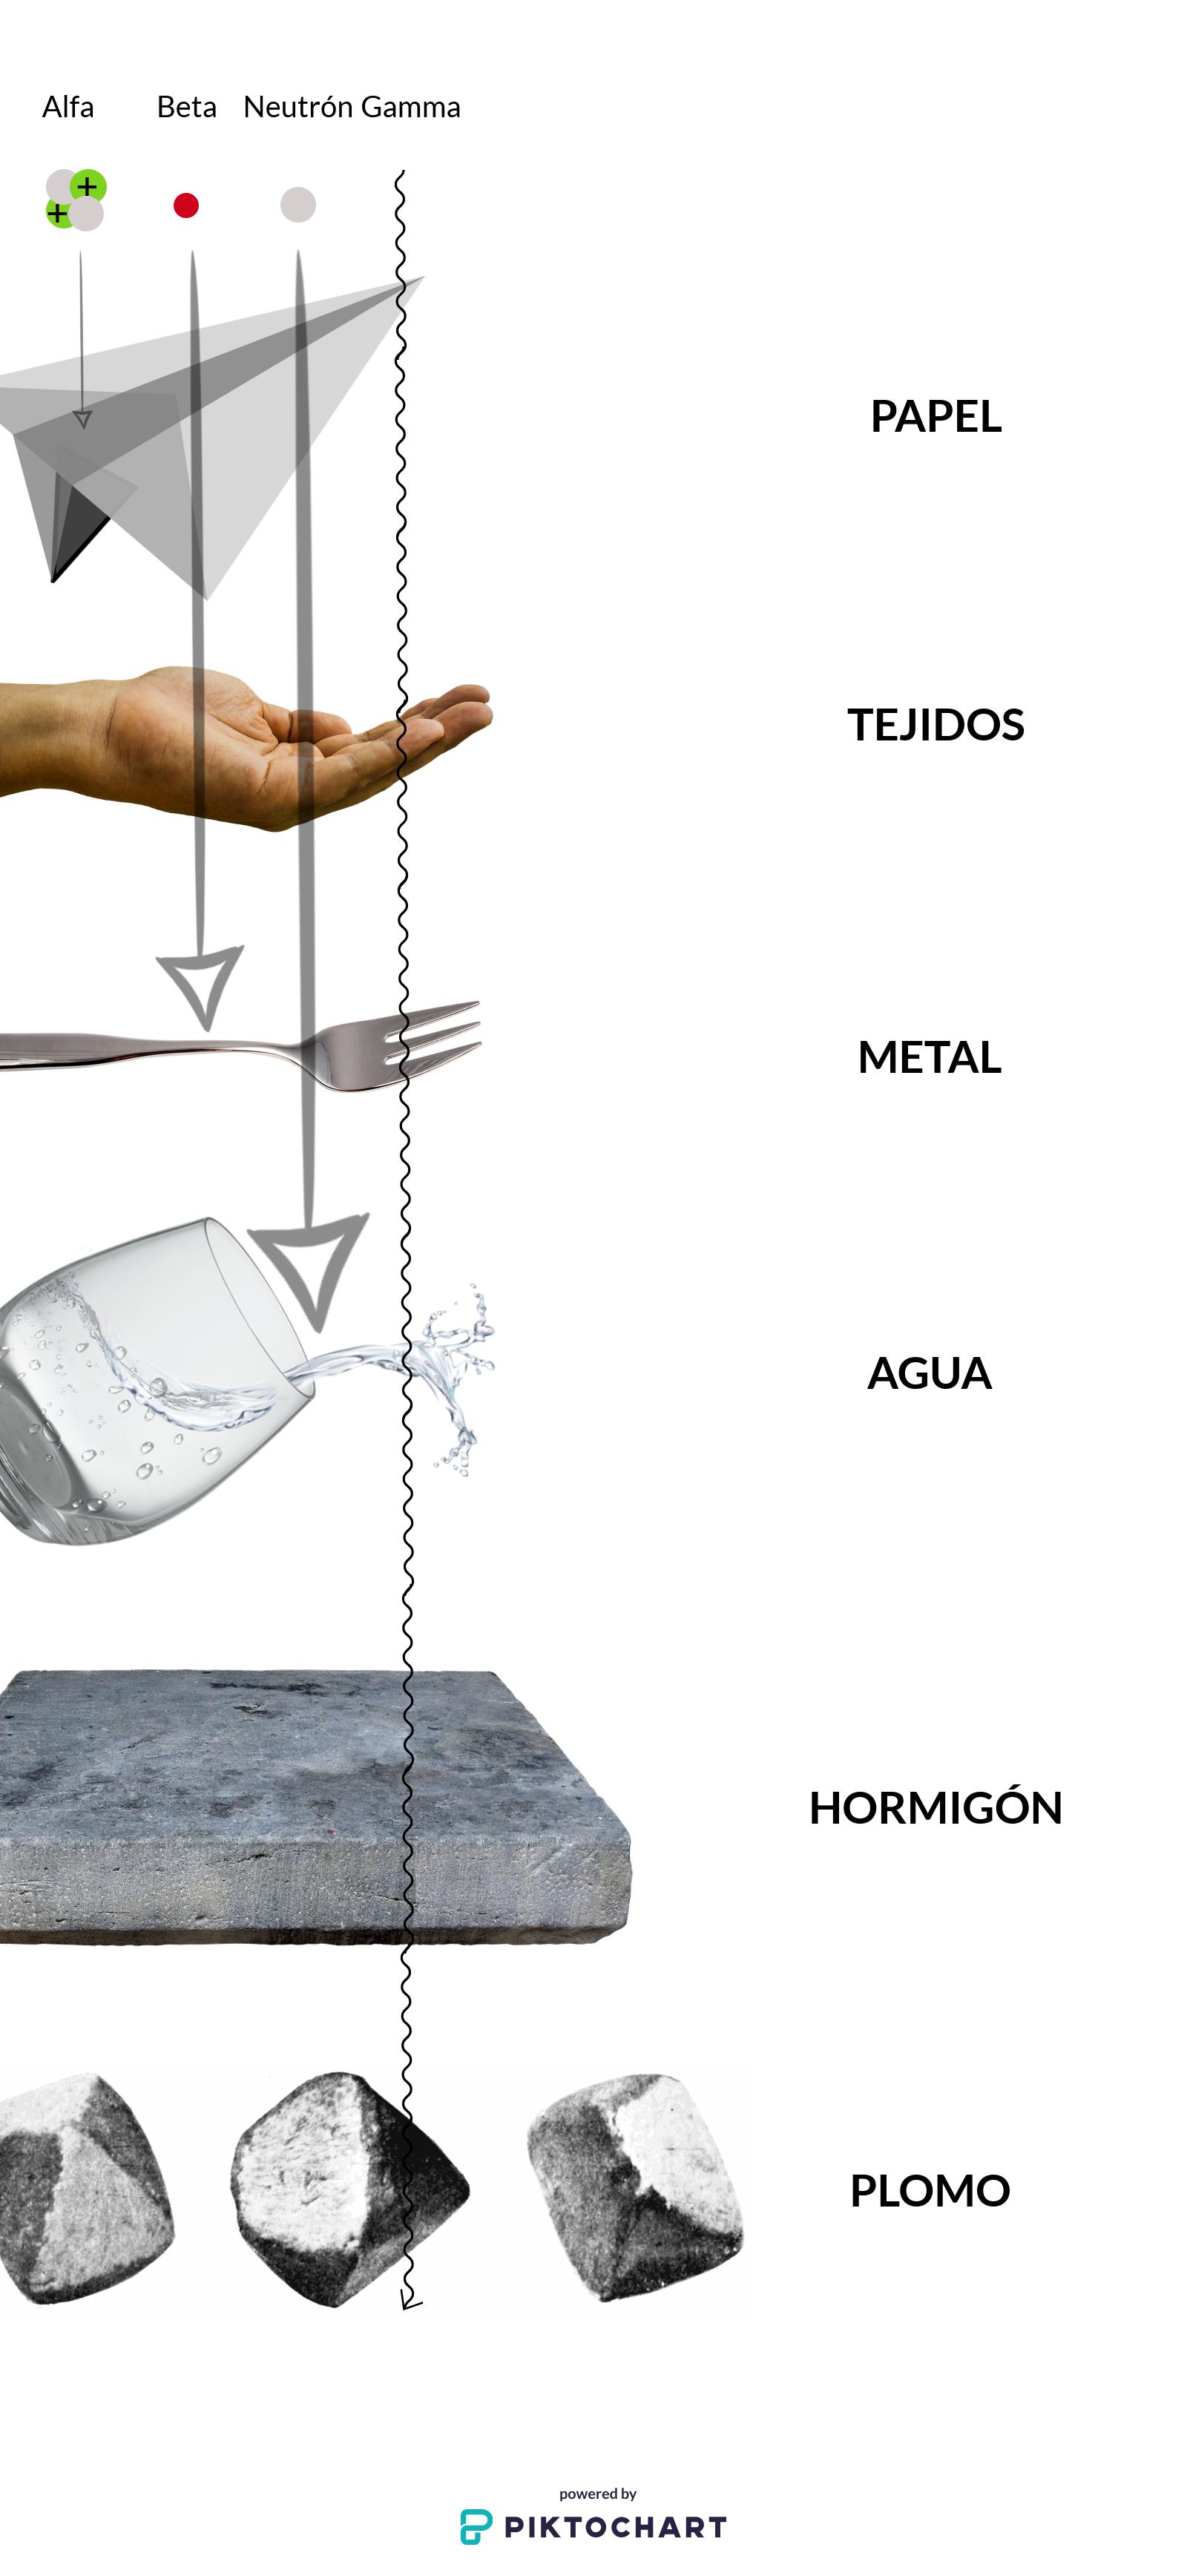 Capacidad de diferentes tipos de radiaciones para atravesar materiales. De menos a más penetrante: alfa < beta < neutrón < gamma.